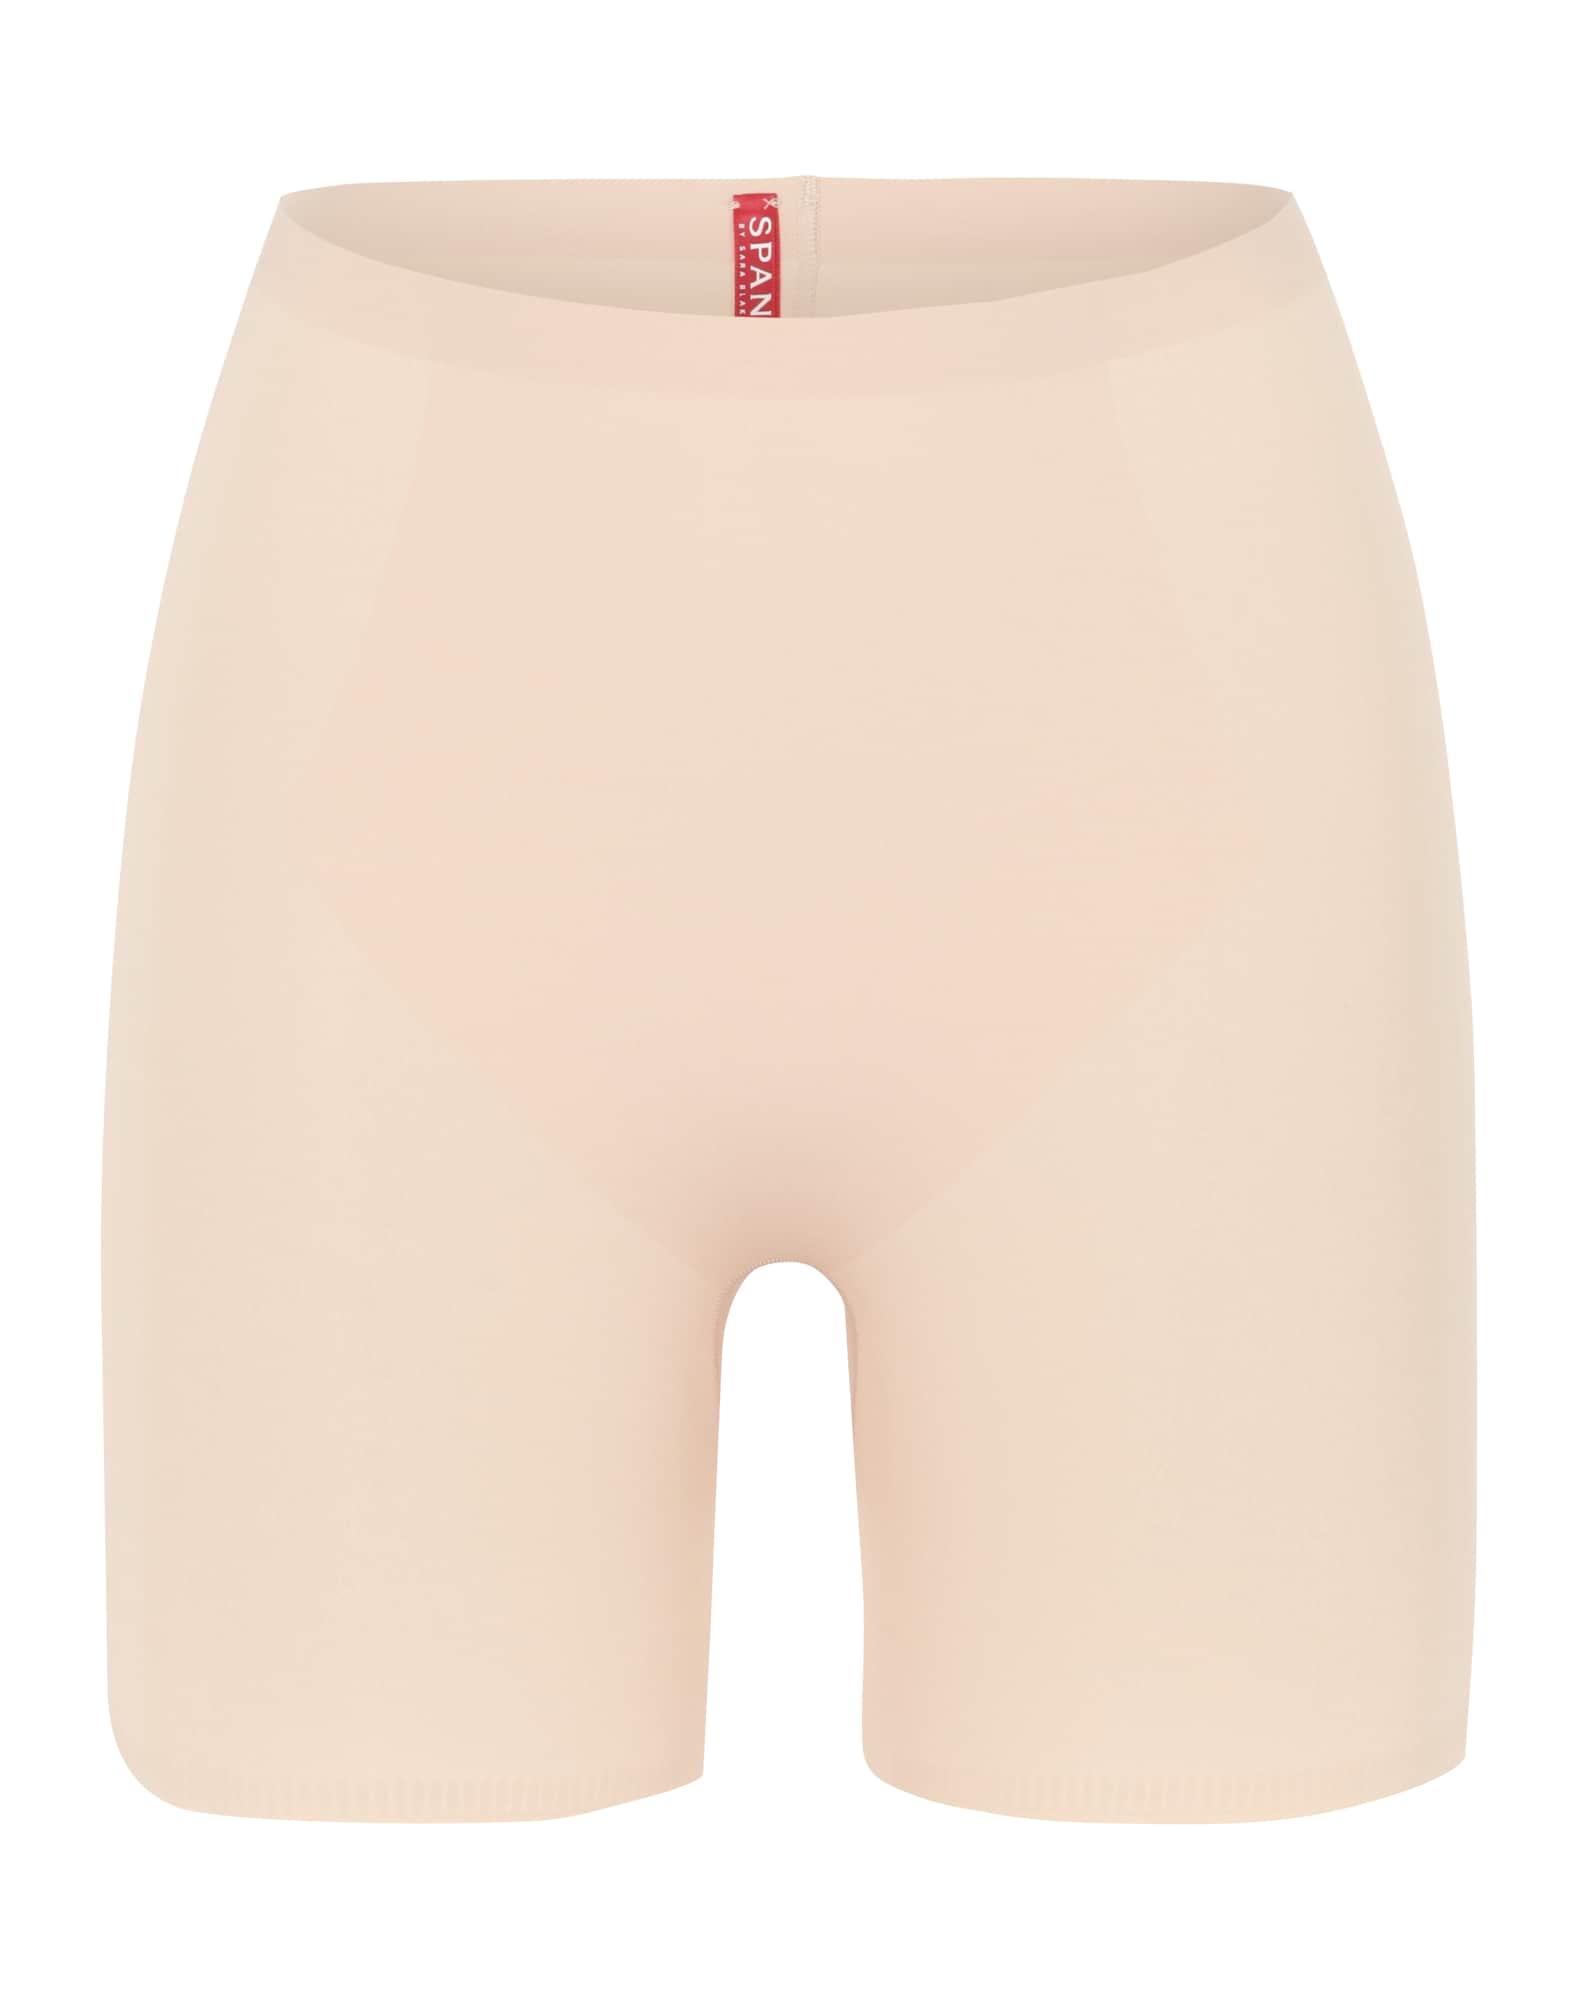 Stahovací kalhotky Thinstincts  tělová SPANX